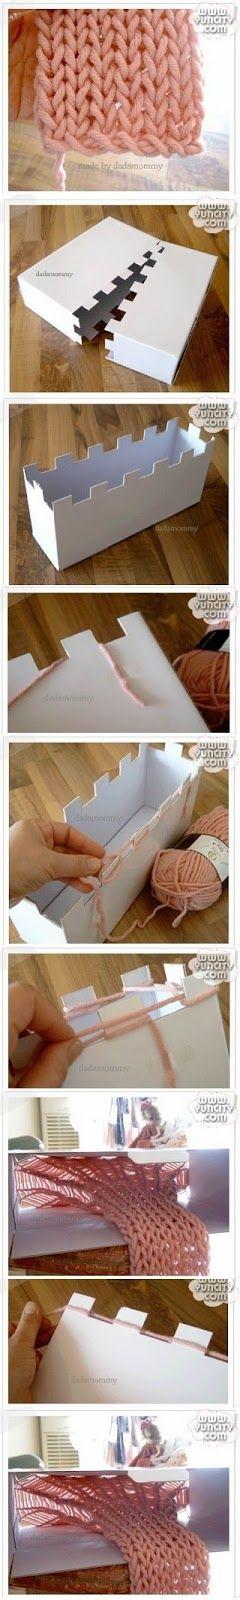 Patrones para Crochet: Tejer con Telar de Caja de Carton